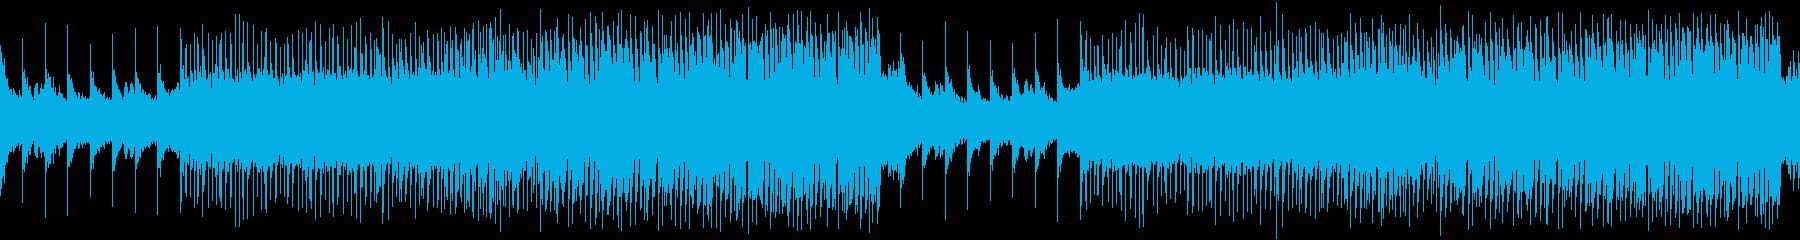 【ループ版】EDM ピアノ・軽快の再生済みの波形